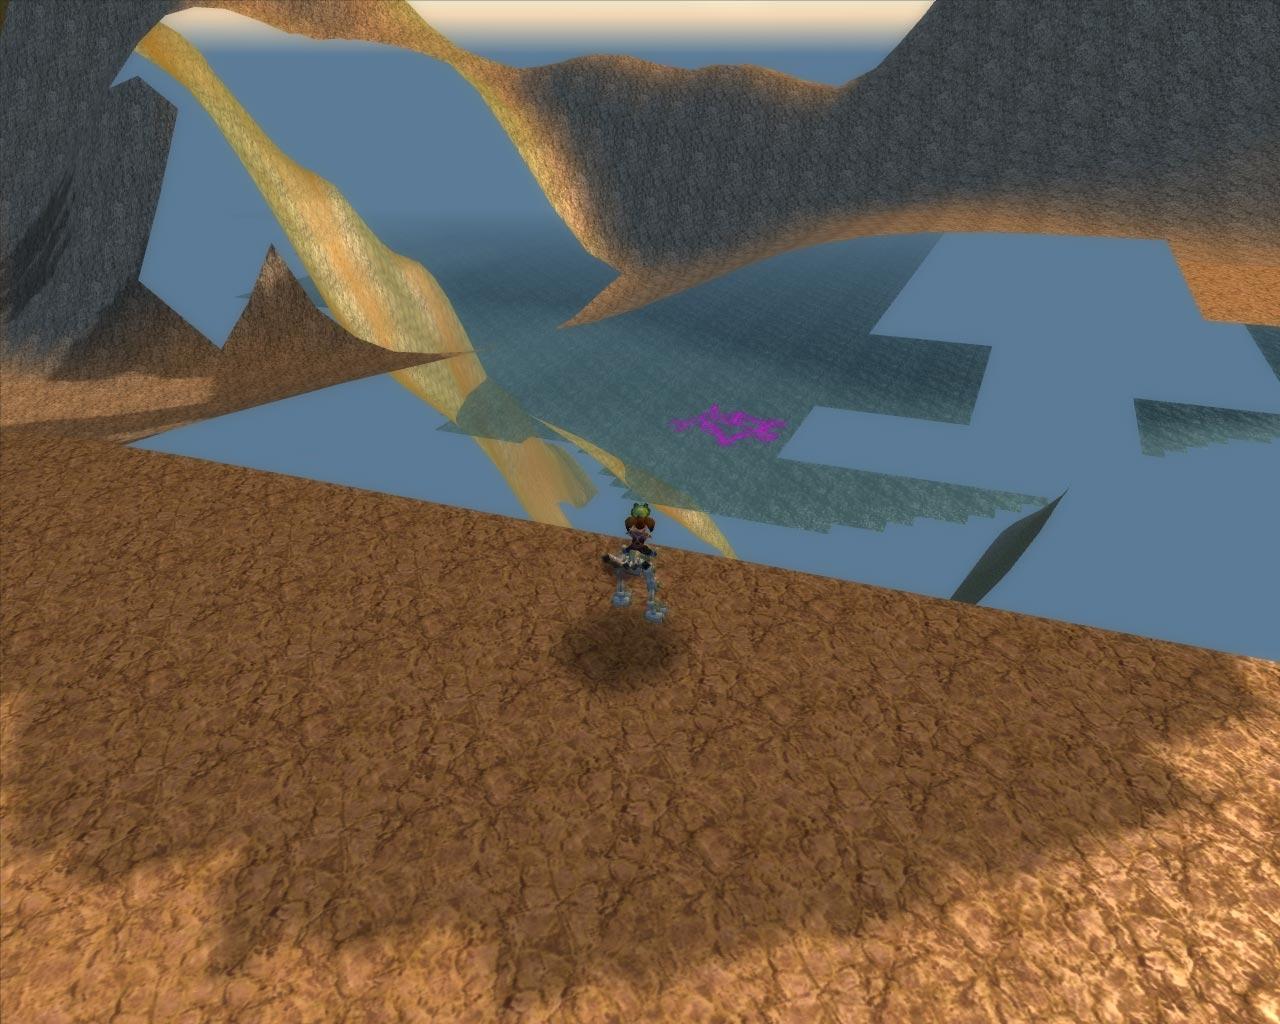 Sous-Stormwind avec vue sur la rune des démonistes dans le parc (image de WoW-Underground)